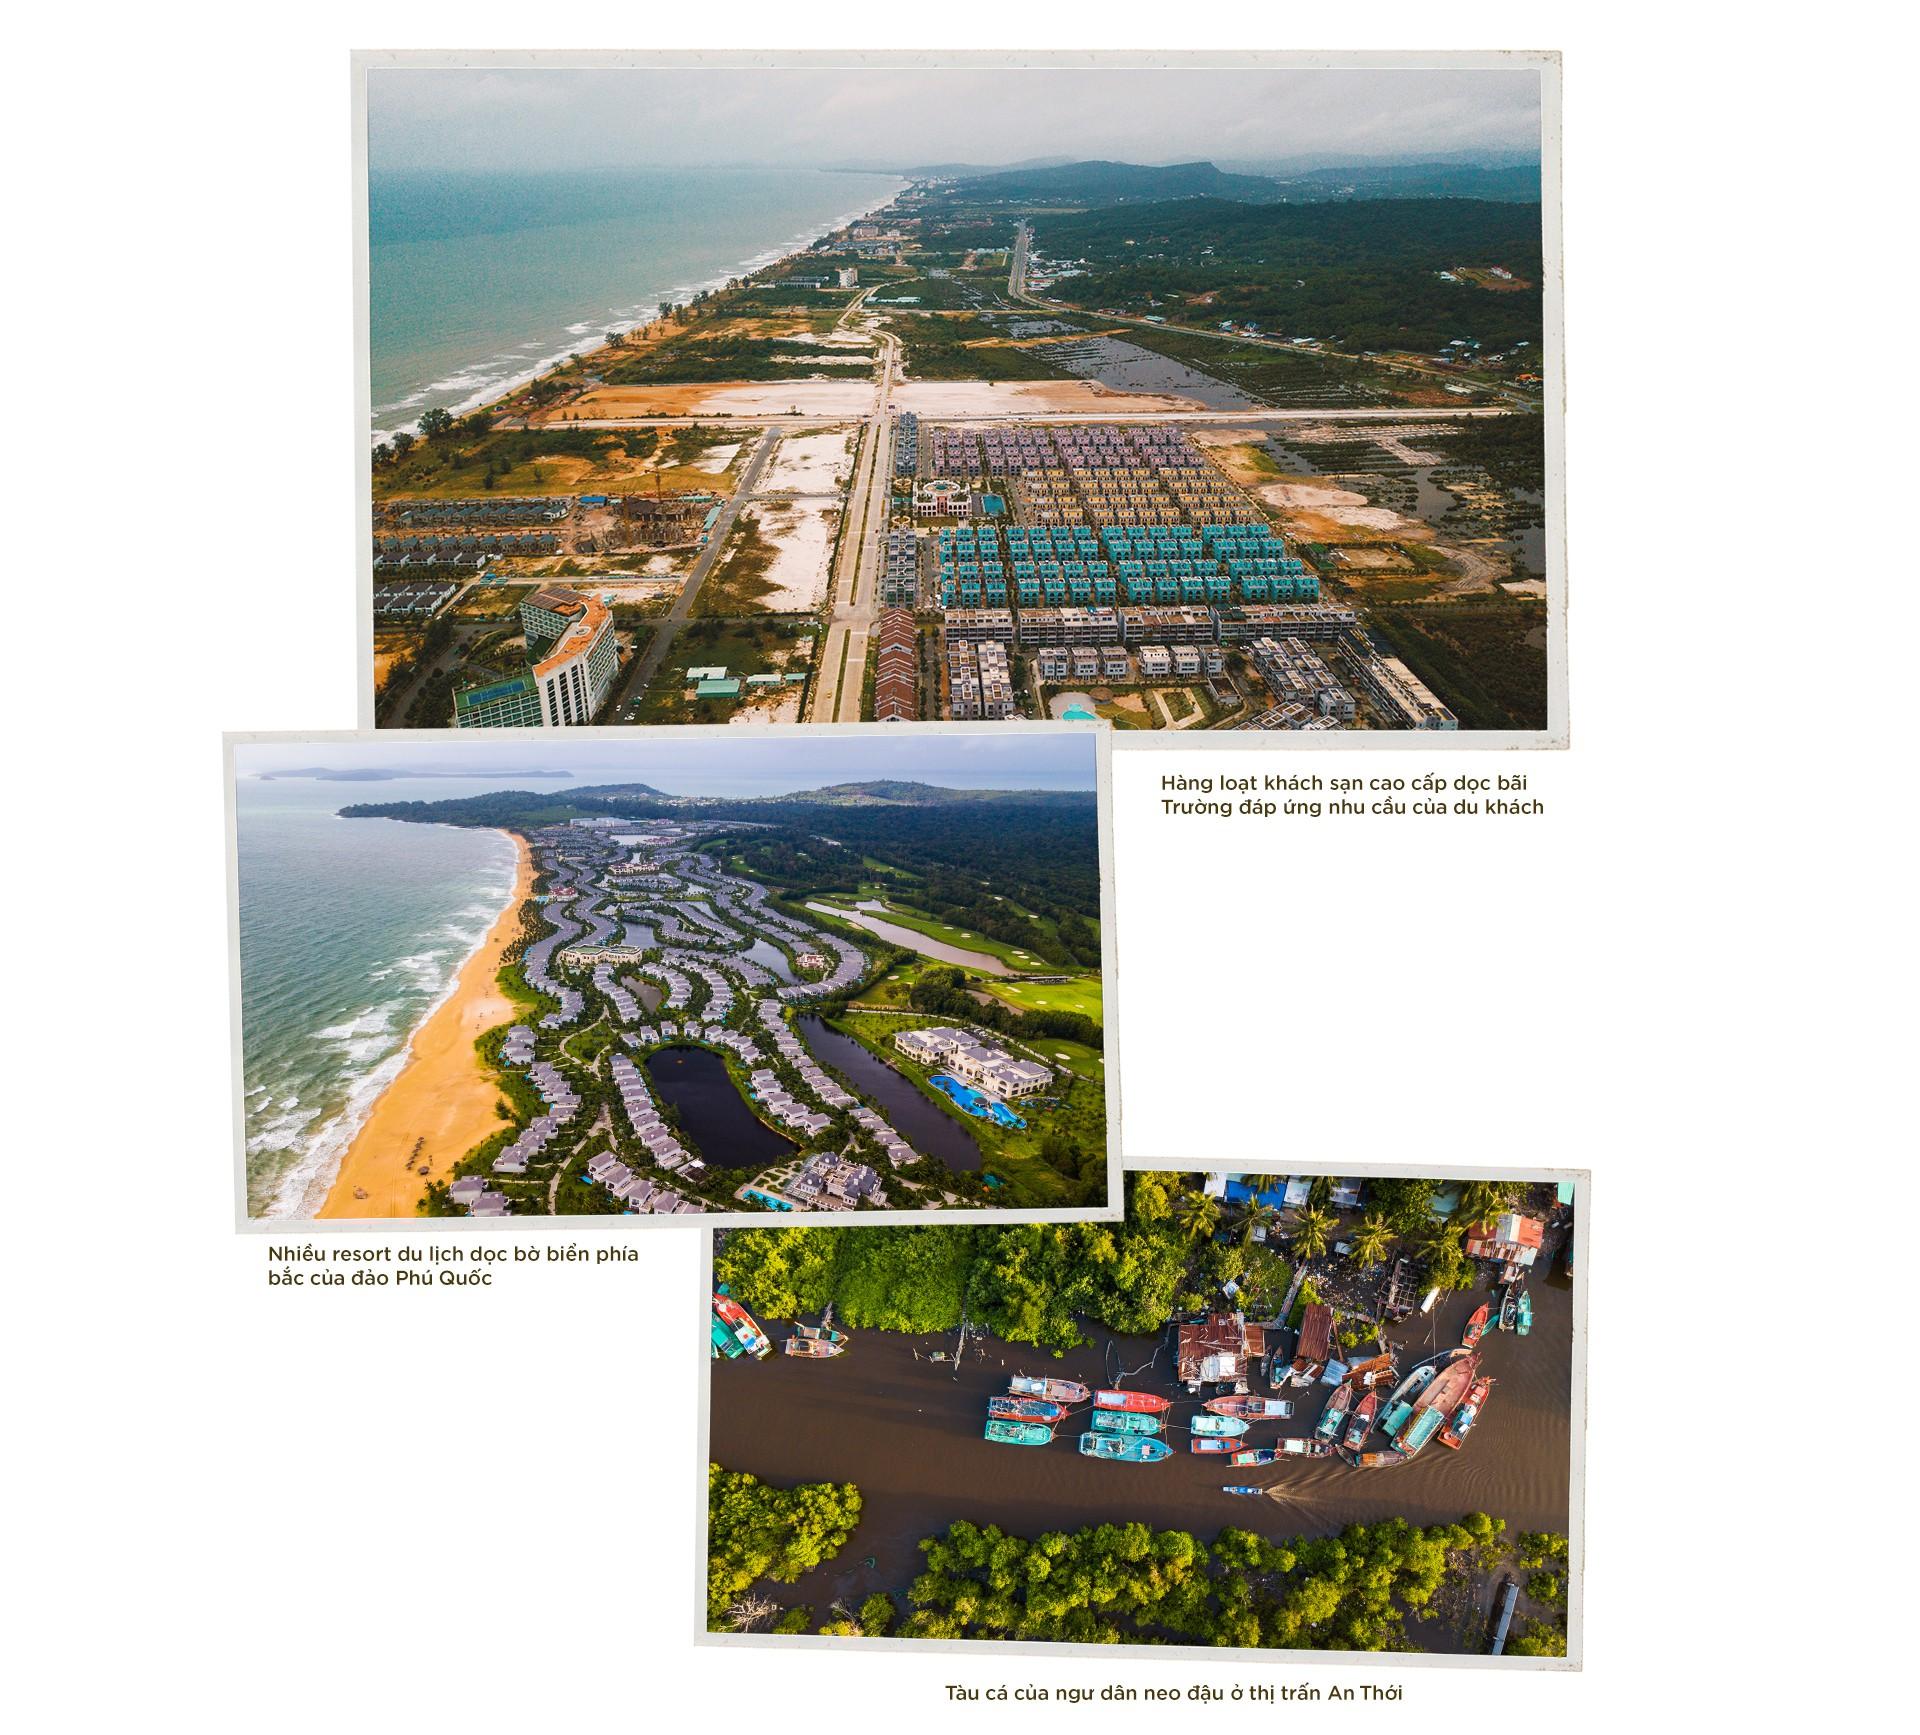 các khách sạn - resort nổi bậc tại Phú Quốc